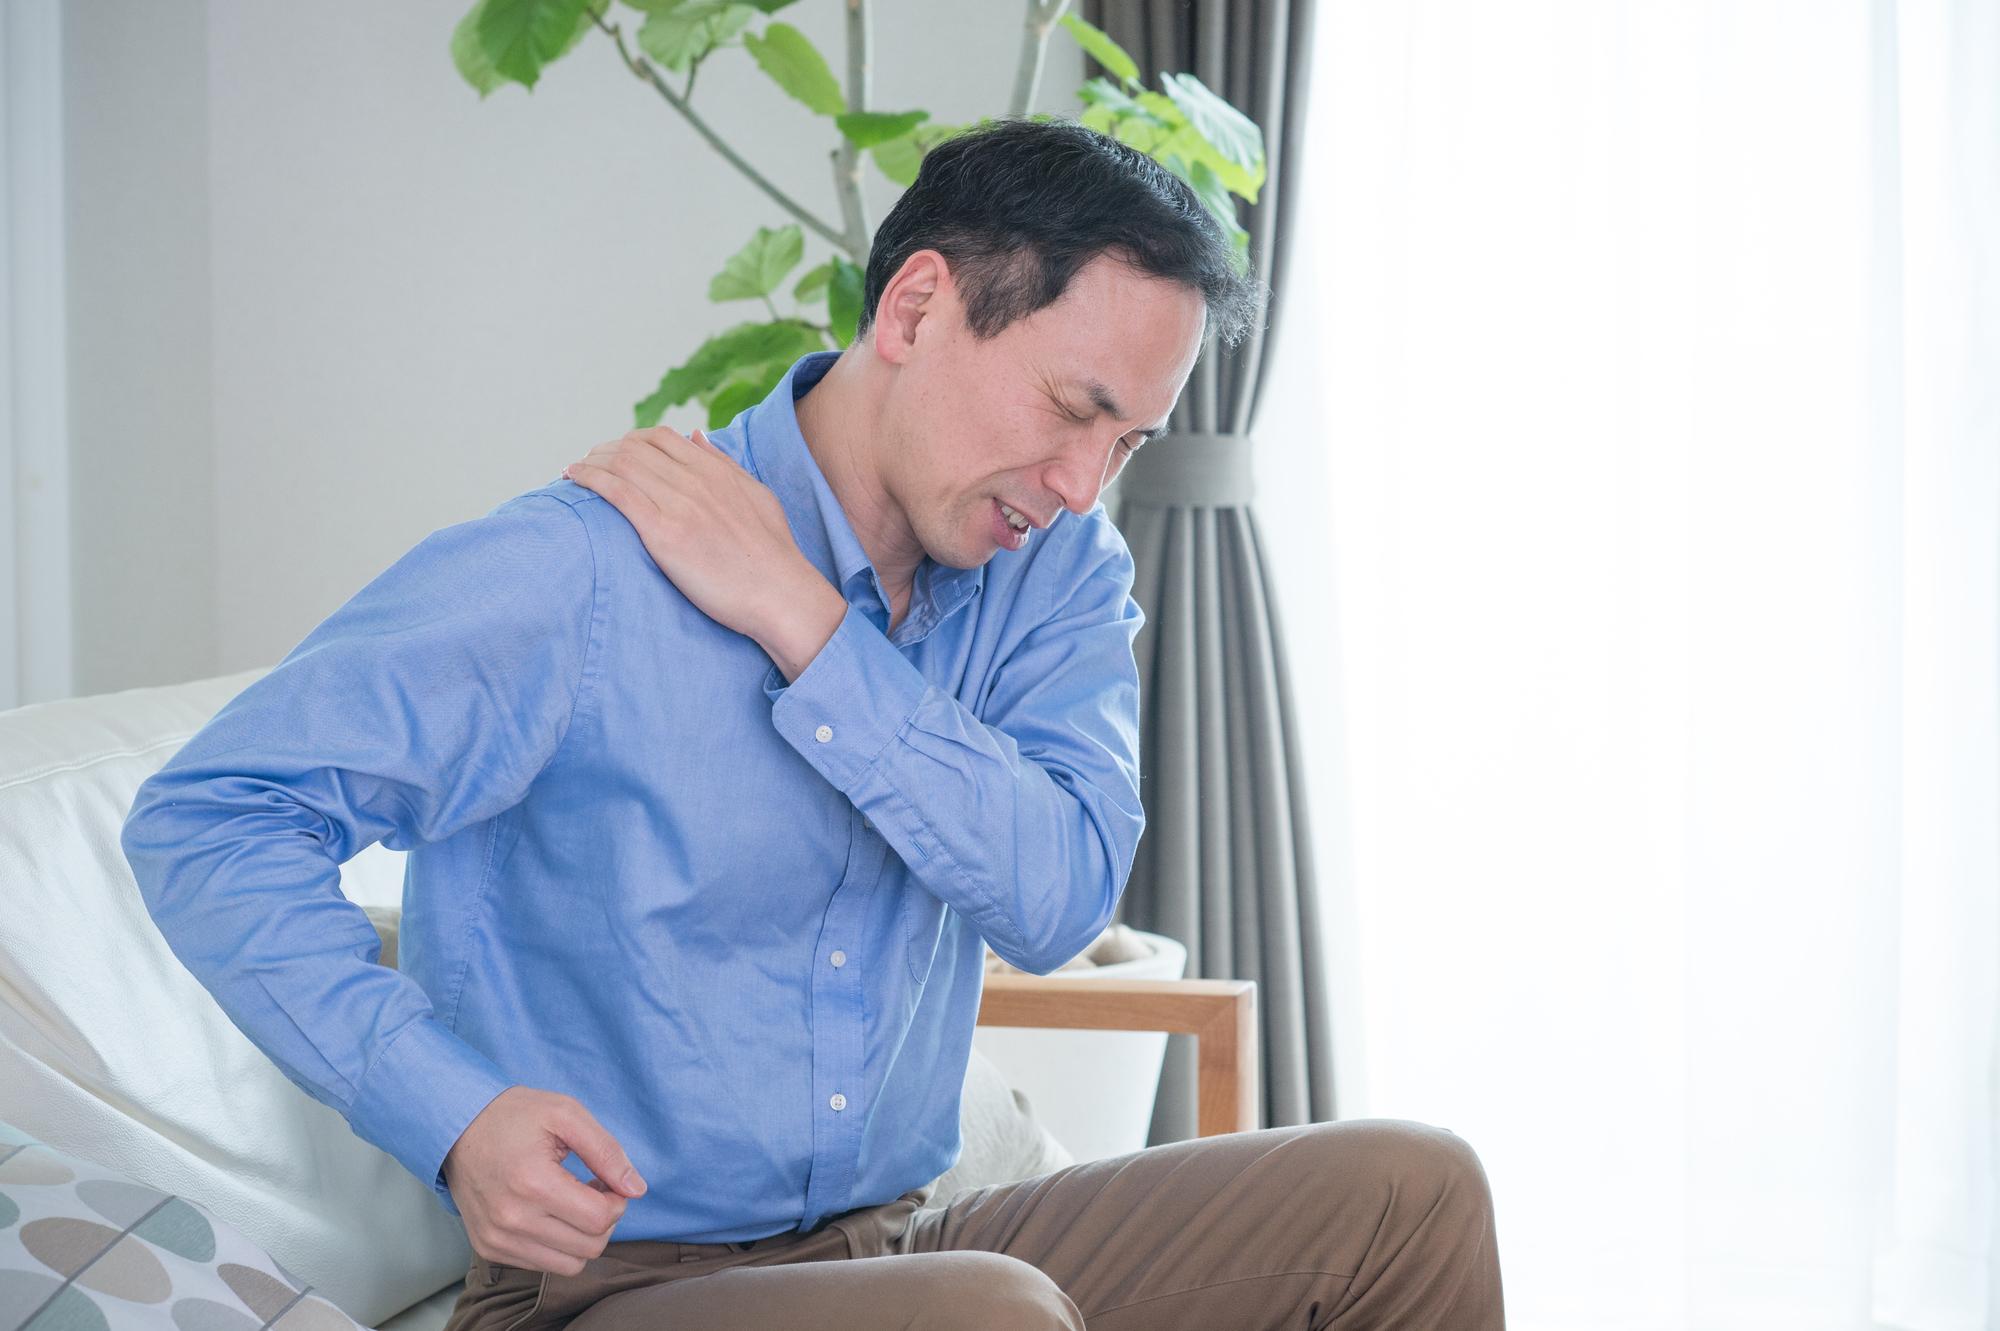 リウマチの症状が出ている男性